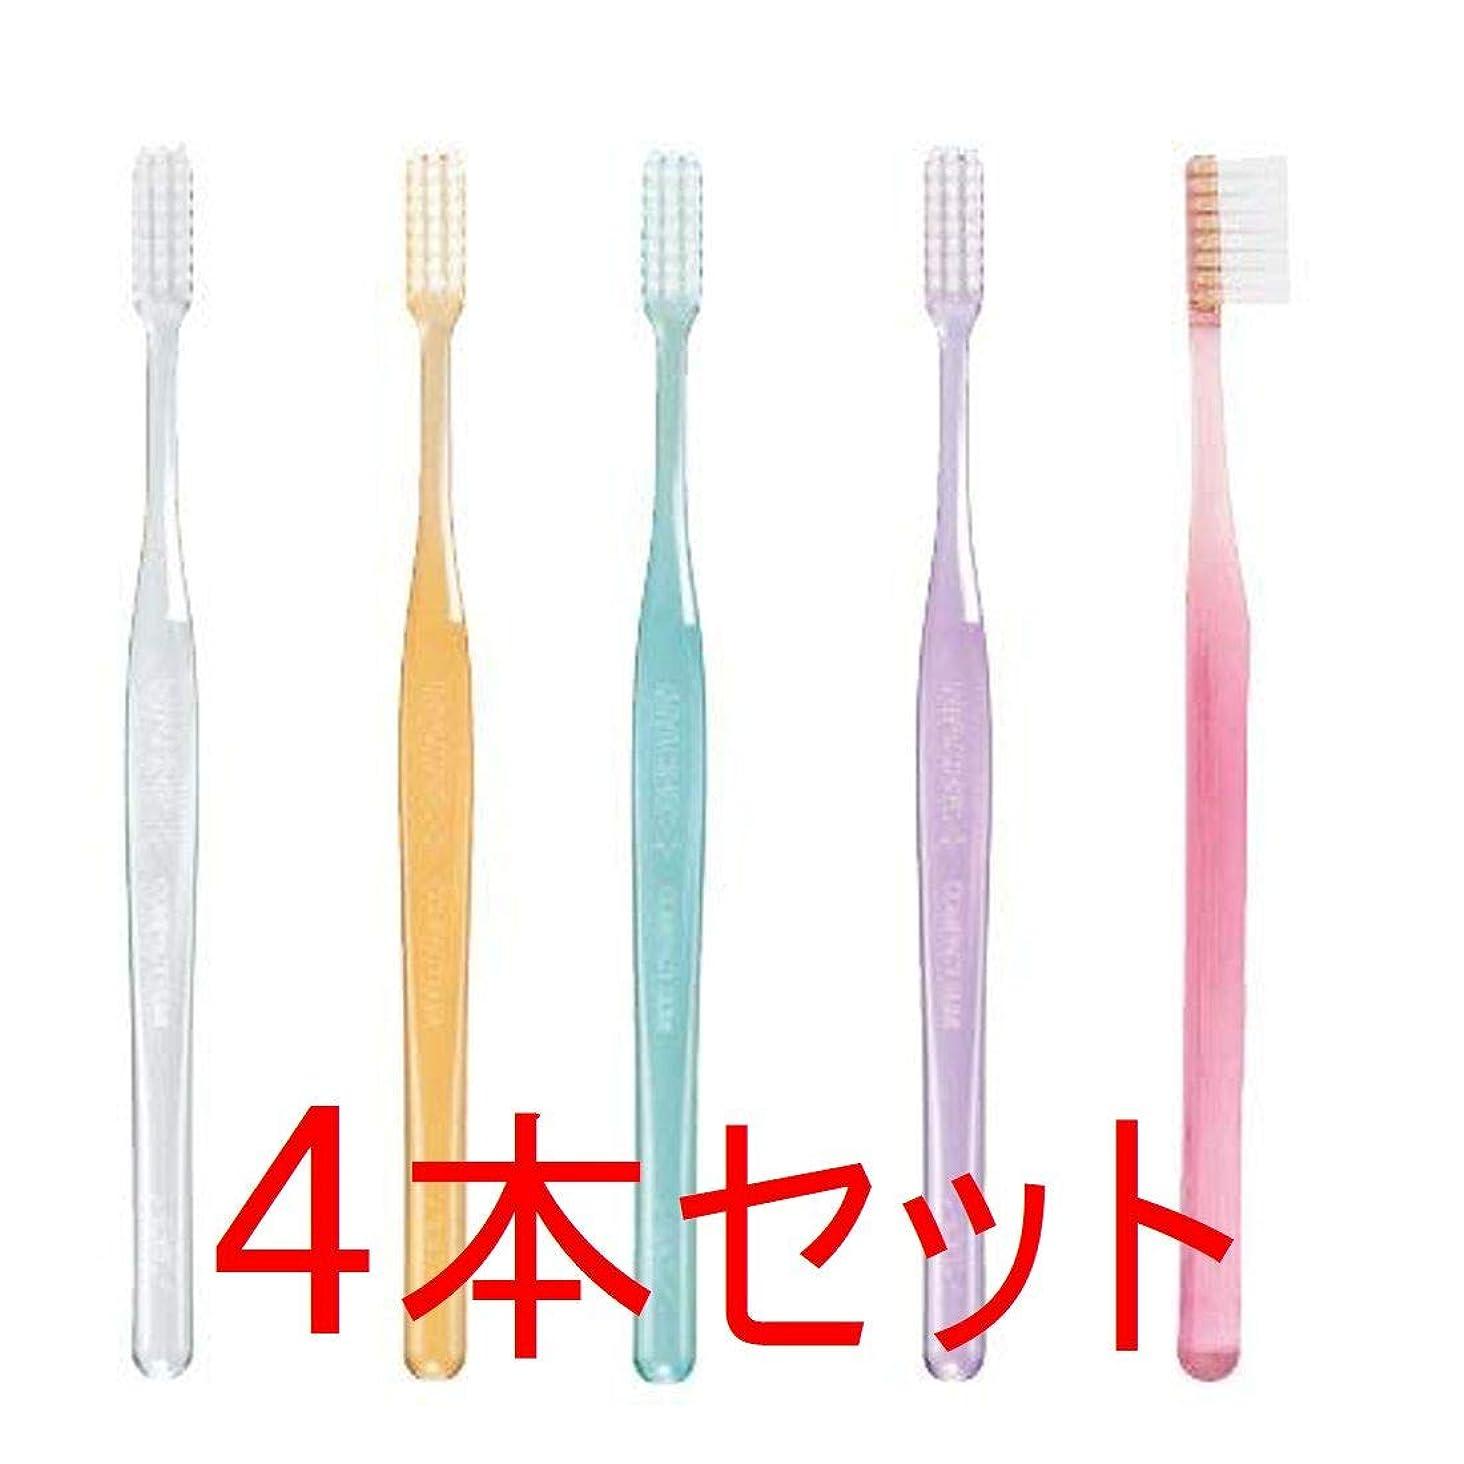 カイウス八百屋さん時計回りGC プロスペック 歯ブラシ プラス コンパクトスリム 4本 クリアー色 (M(ふつう), おまかせ)